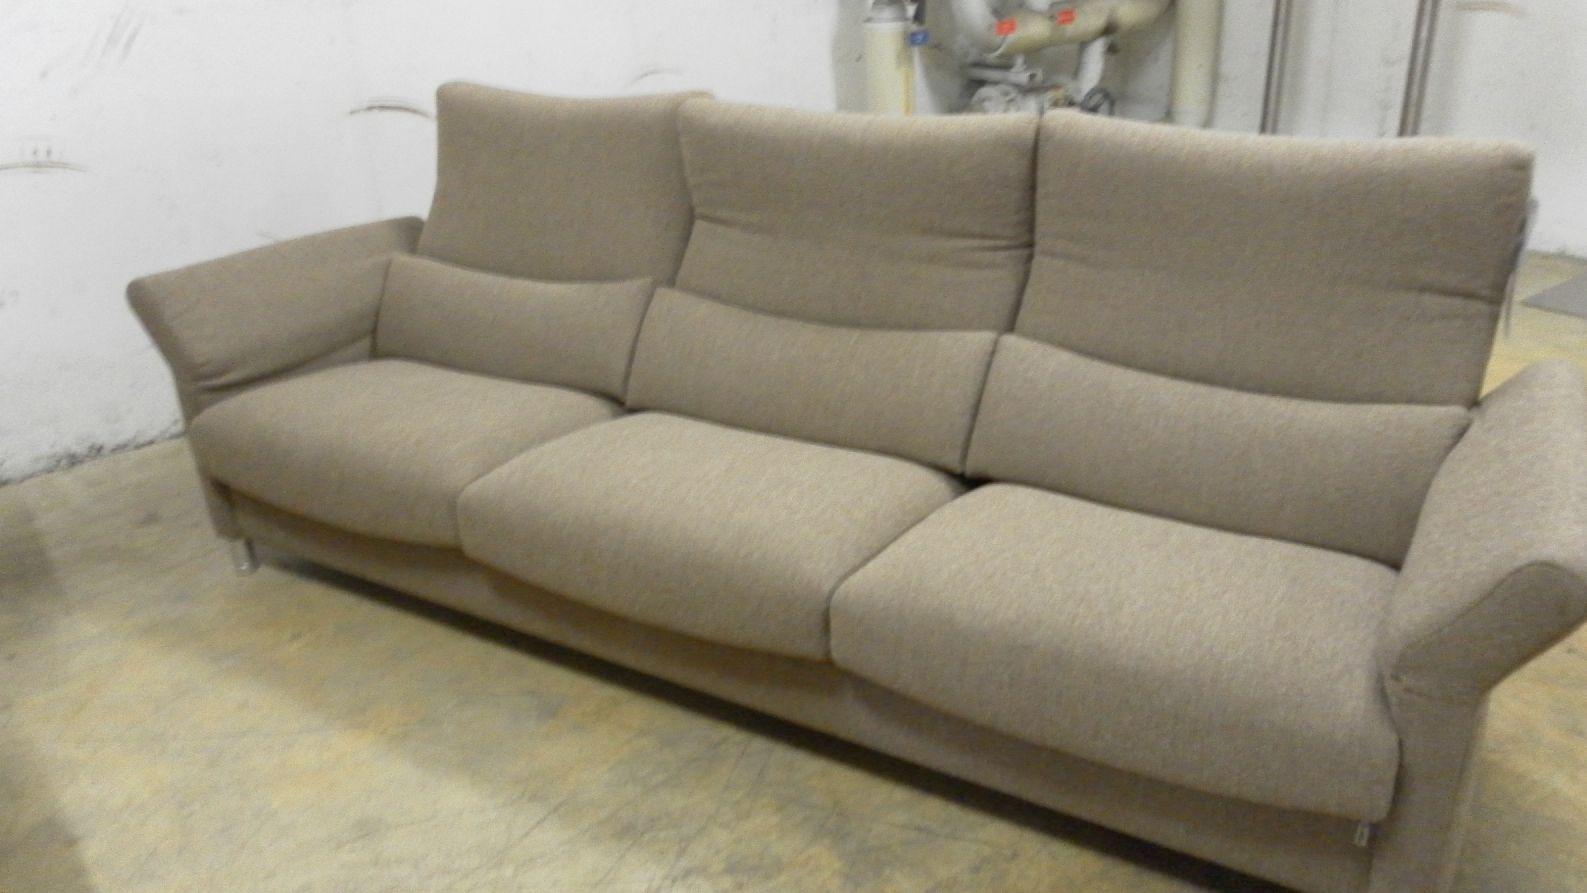 erpo sofa gate bezug flachgewebe hellbraun ausstellungsst ck ebay. Black Bedroom Furniture Sets. Home Design Ideas